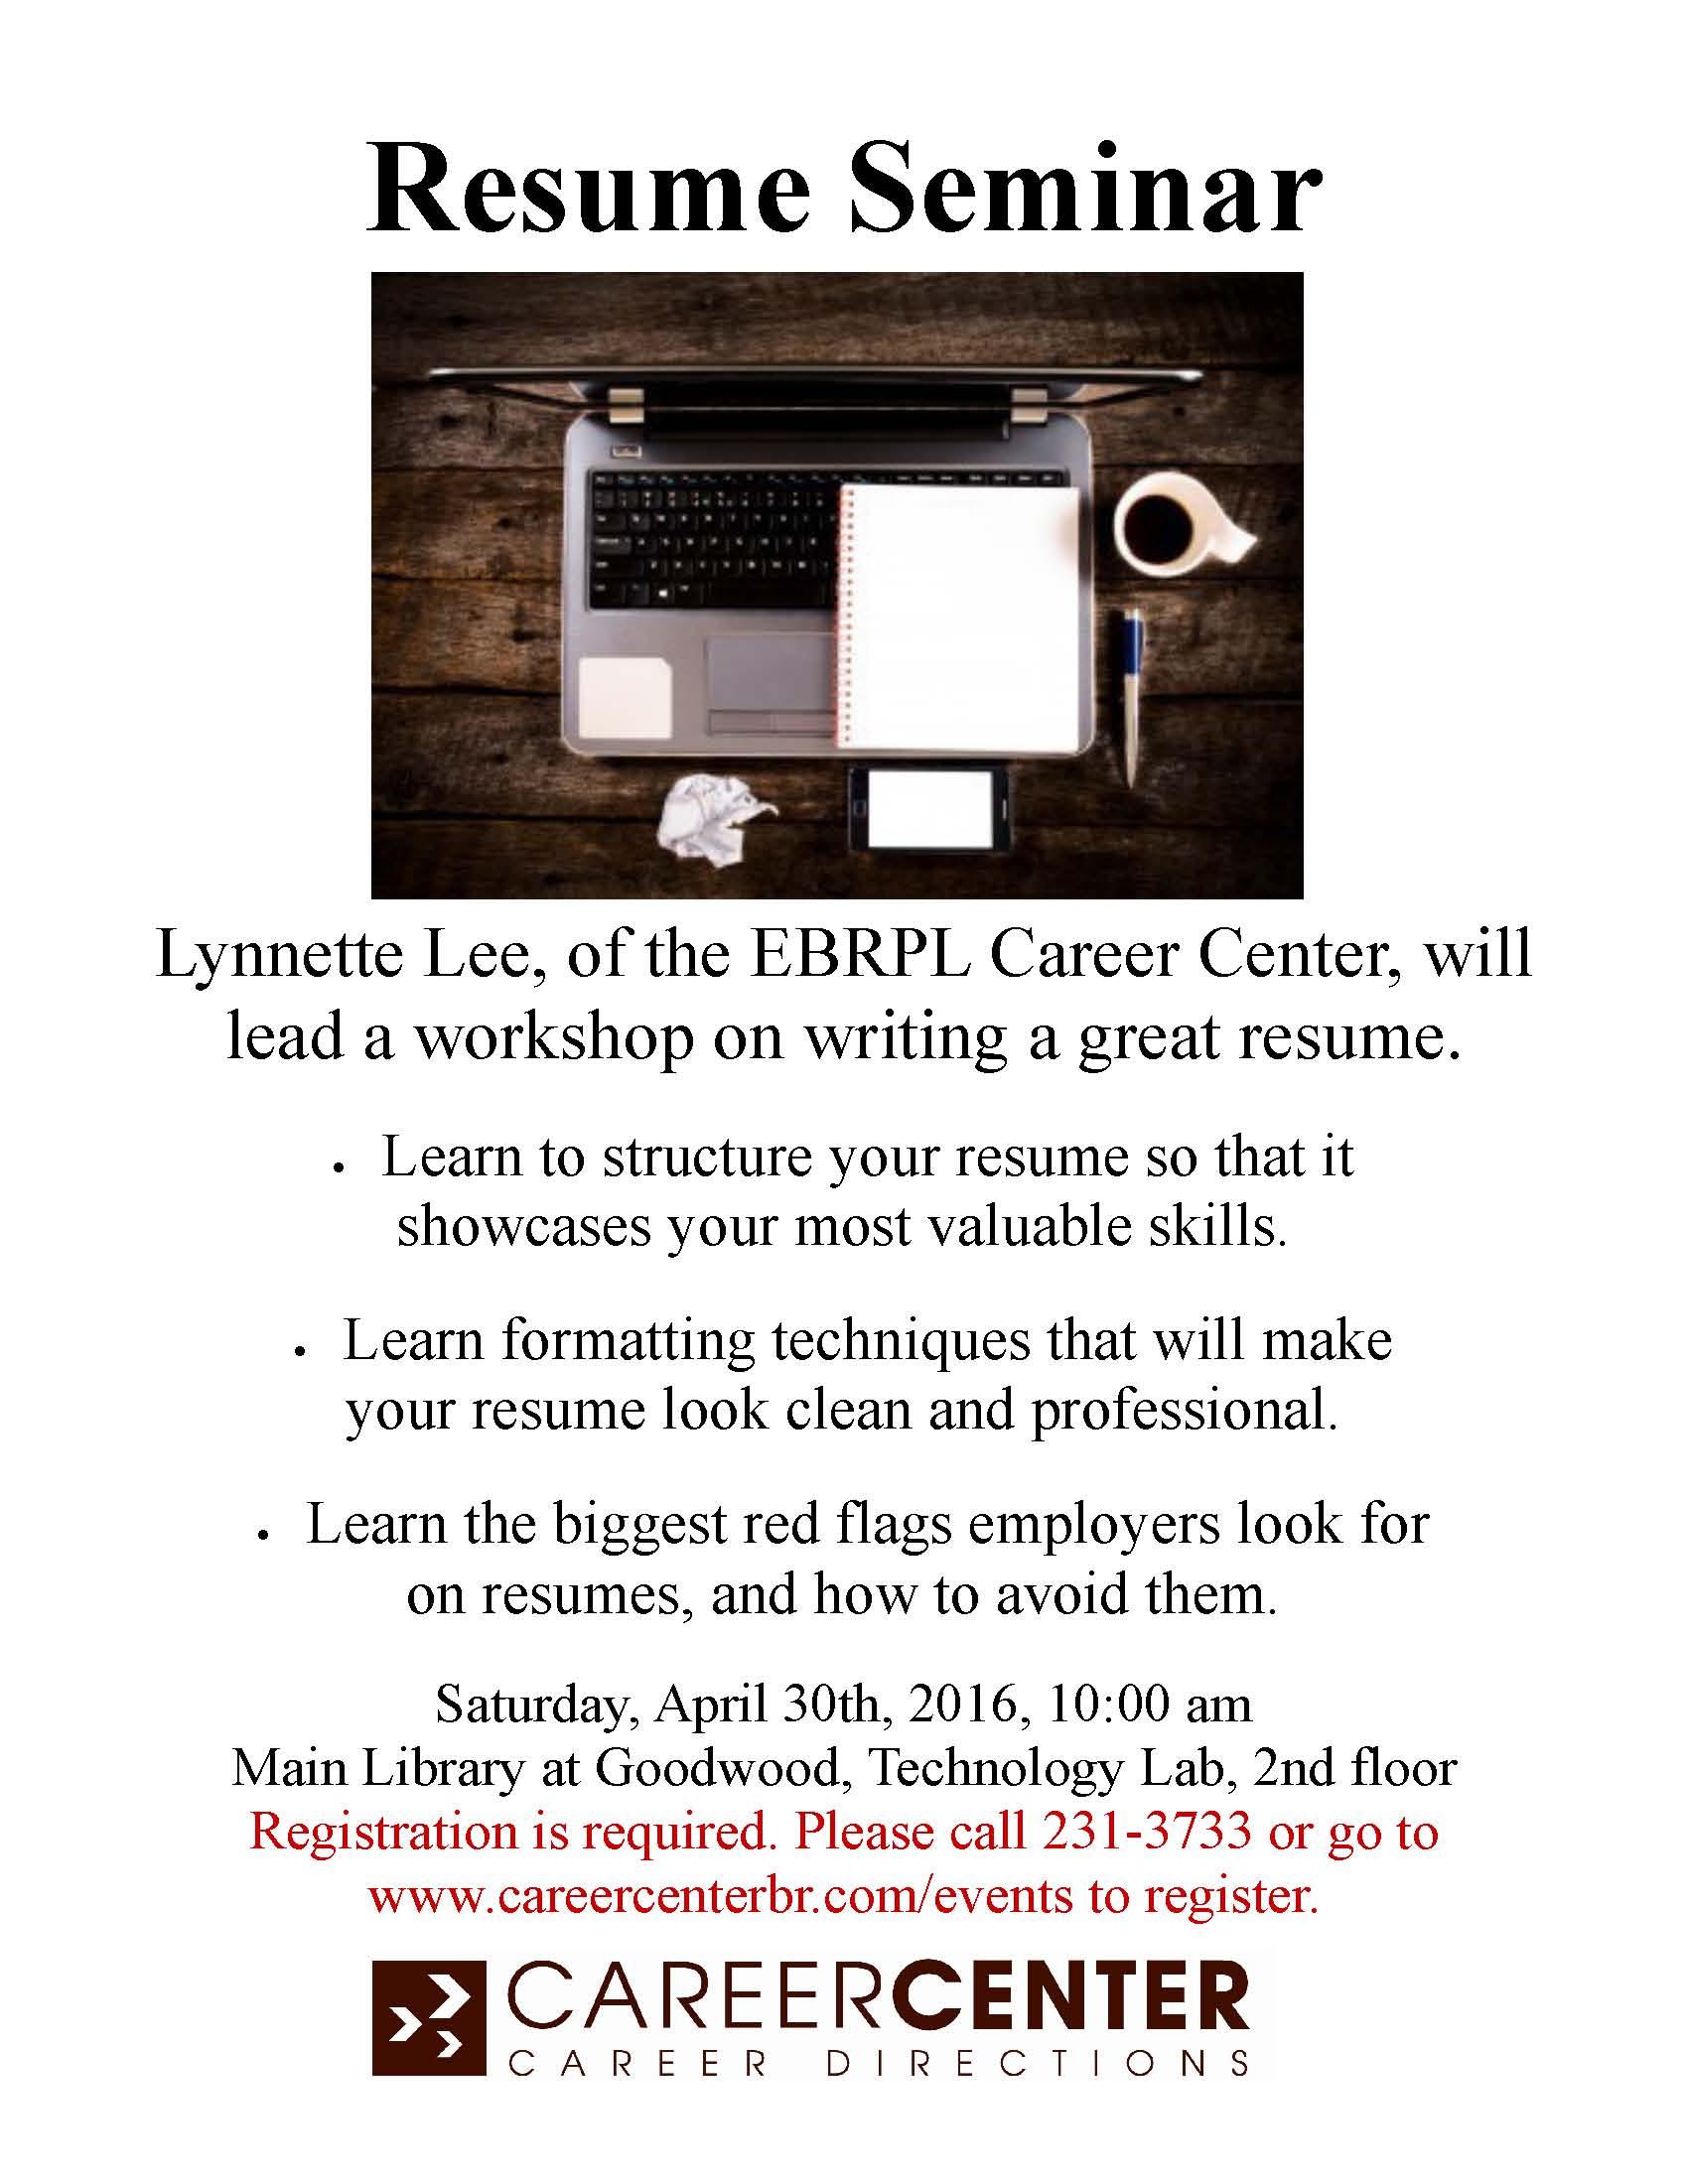 Resume Seminar_April 2016